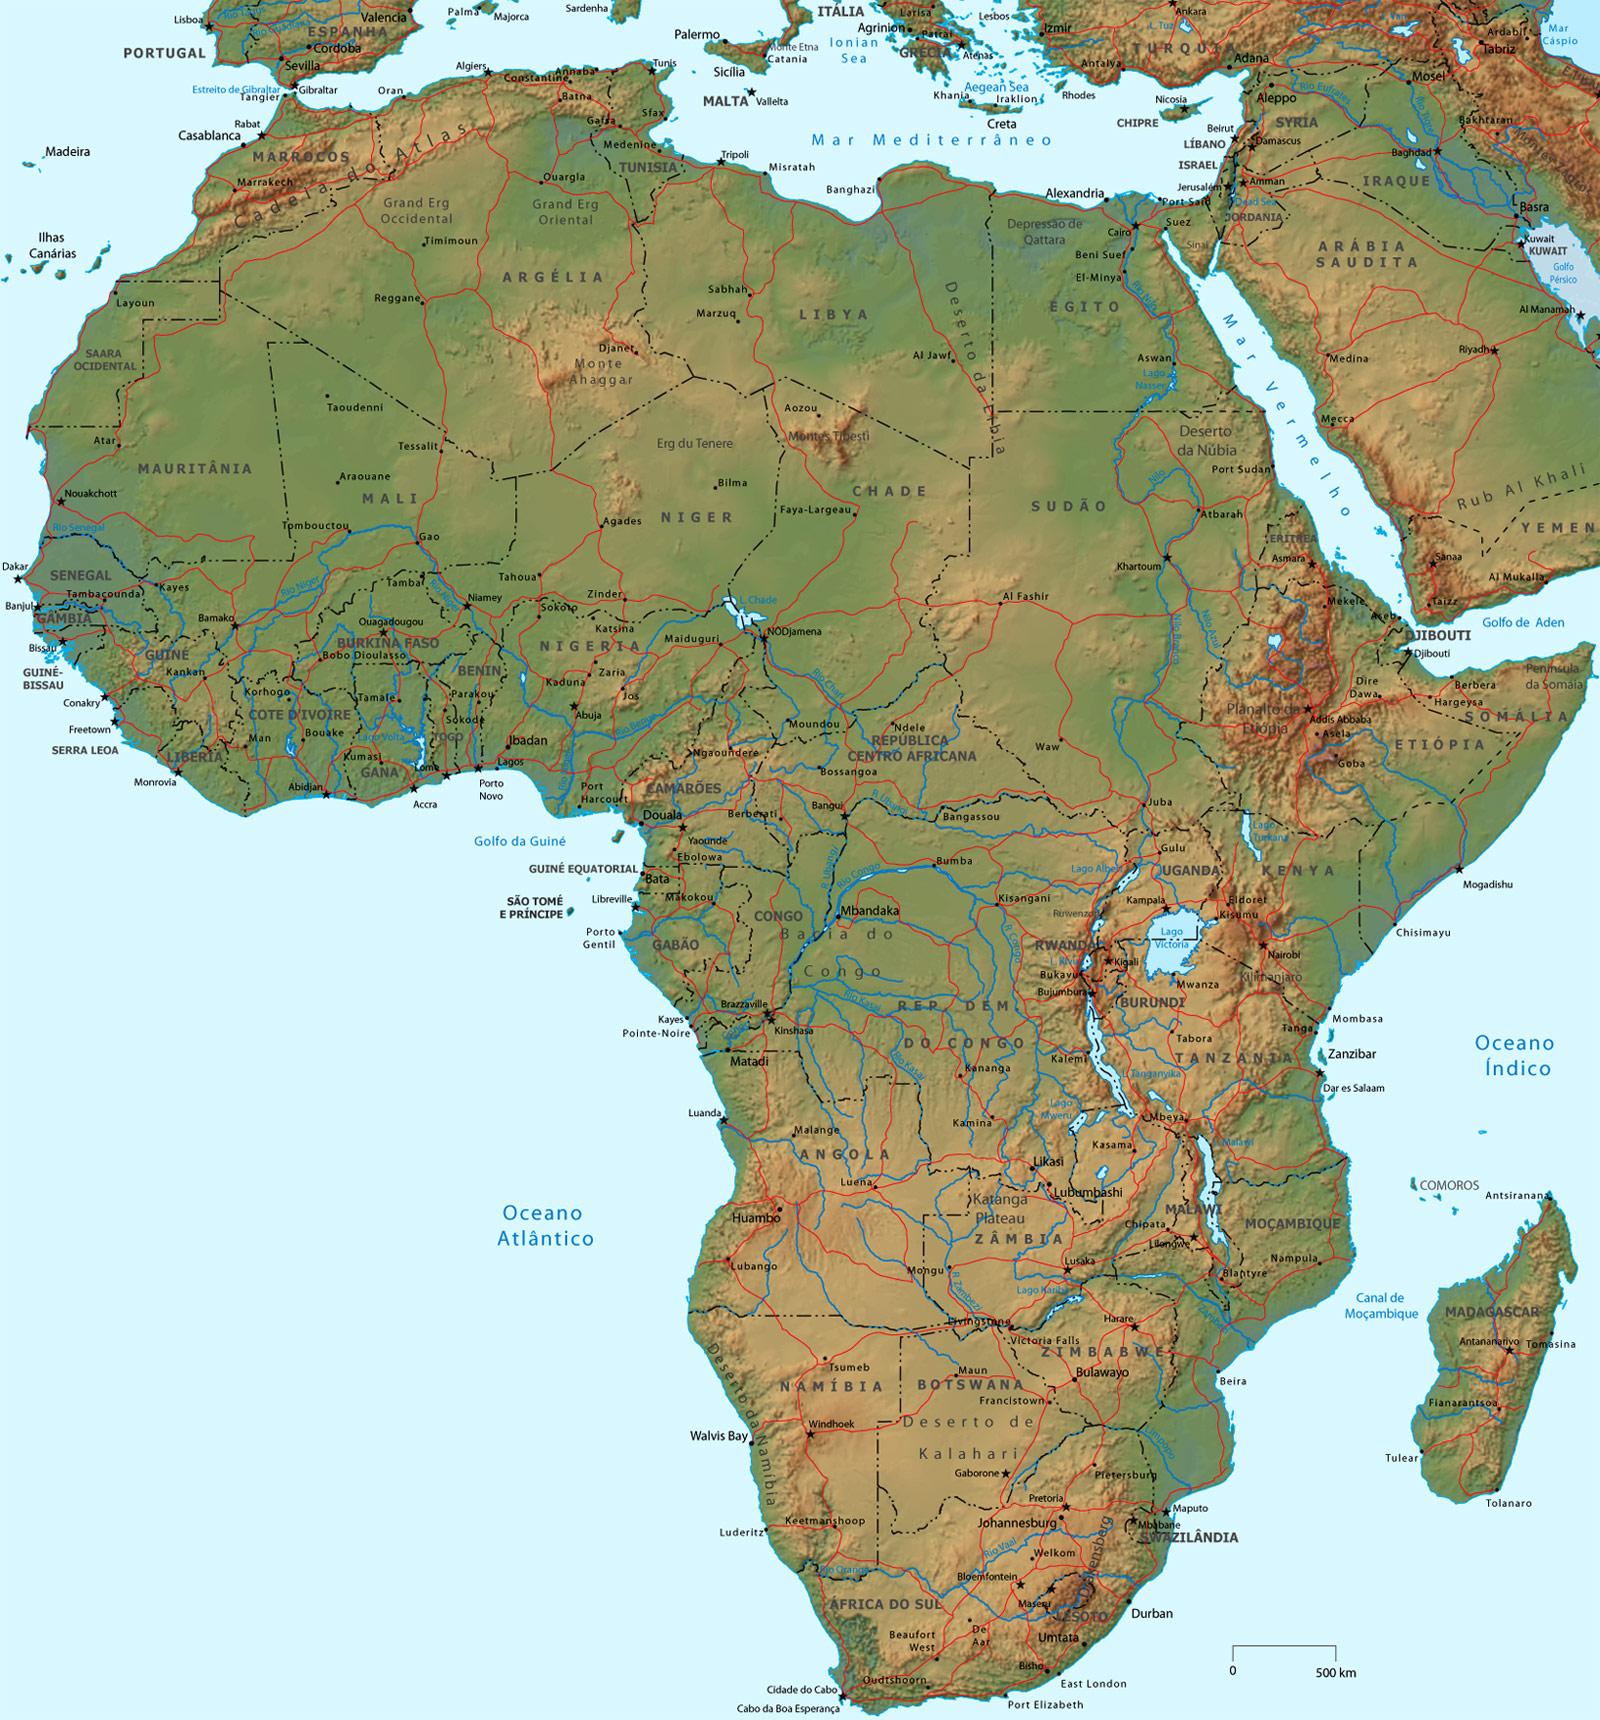 Países Africanos: África do Sul, Namíbia, Comoros, Egito, Angola ...